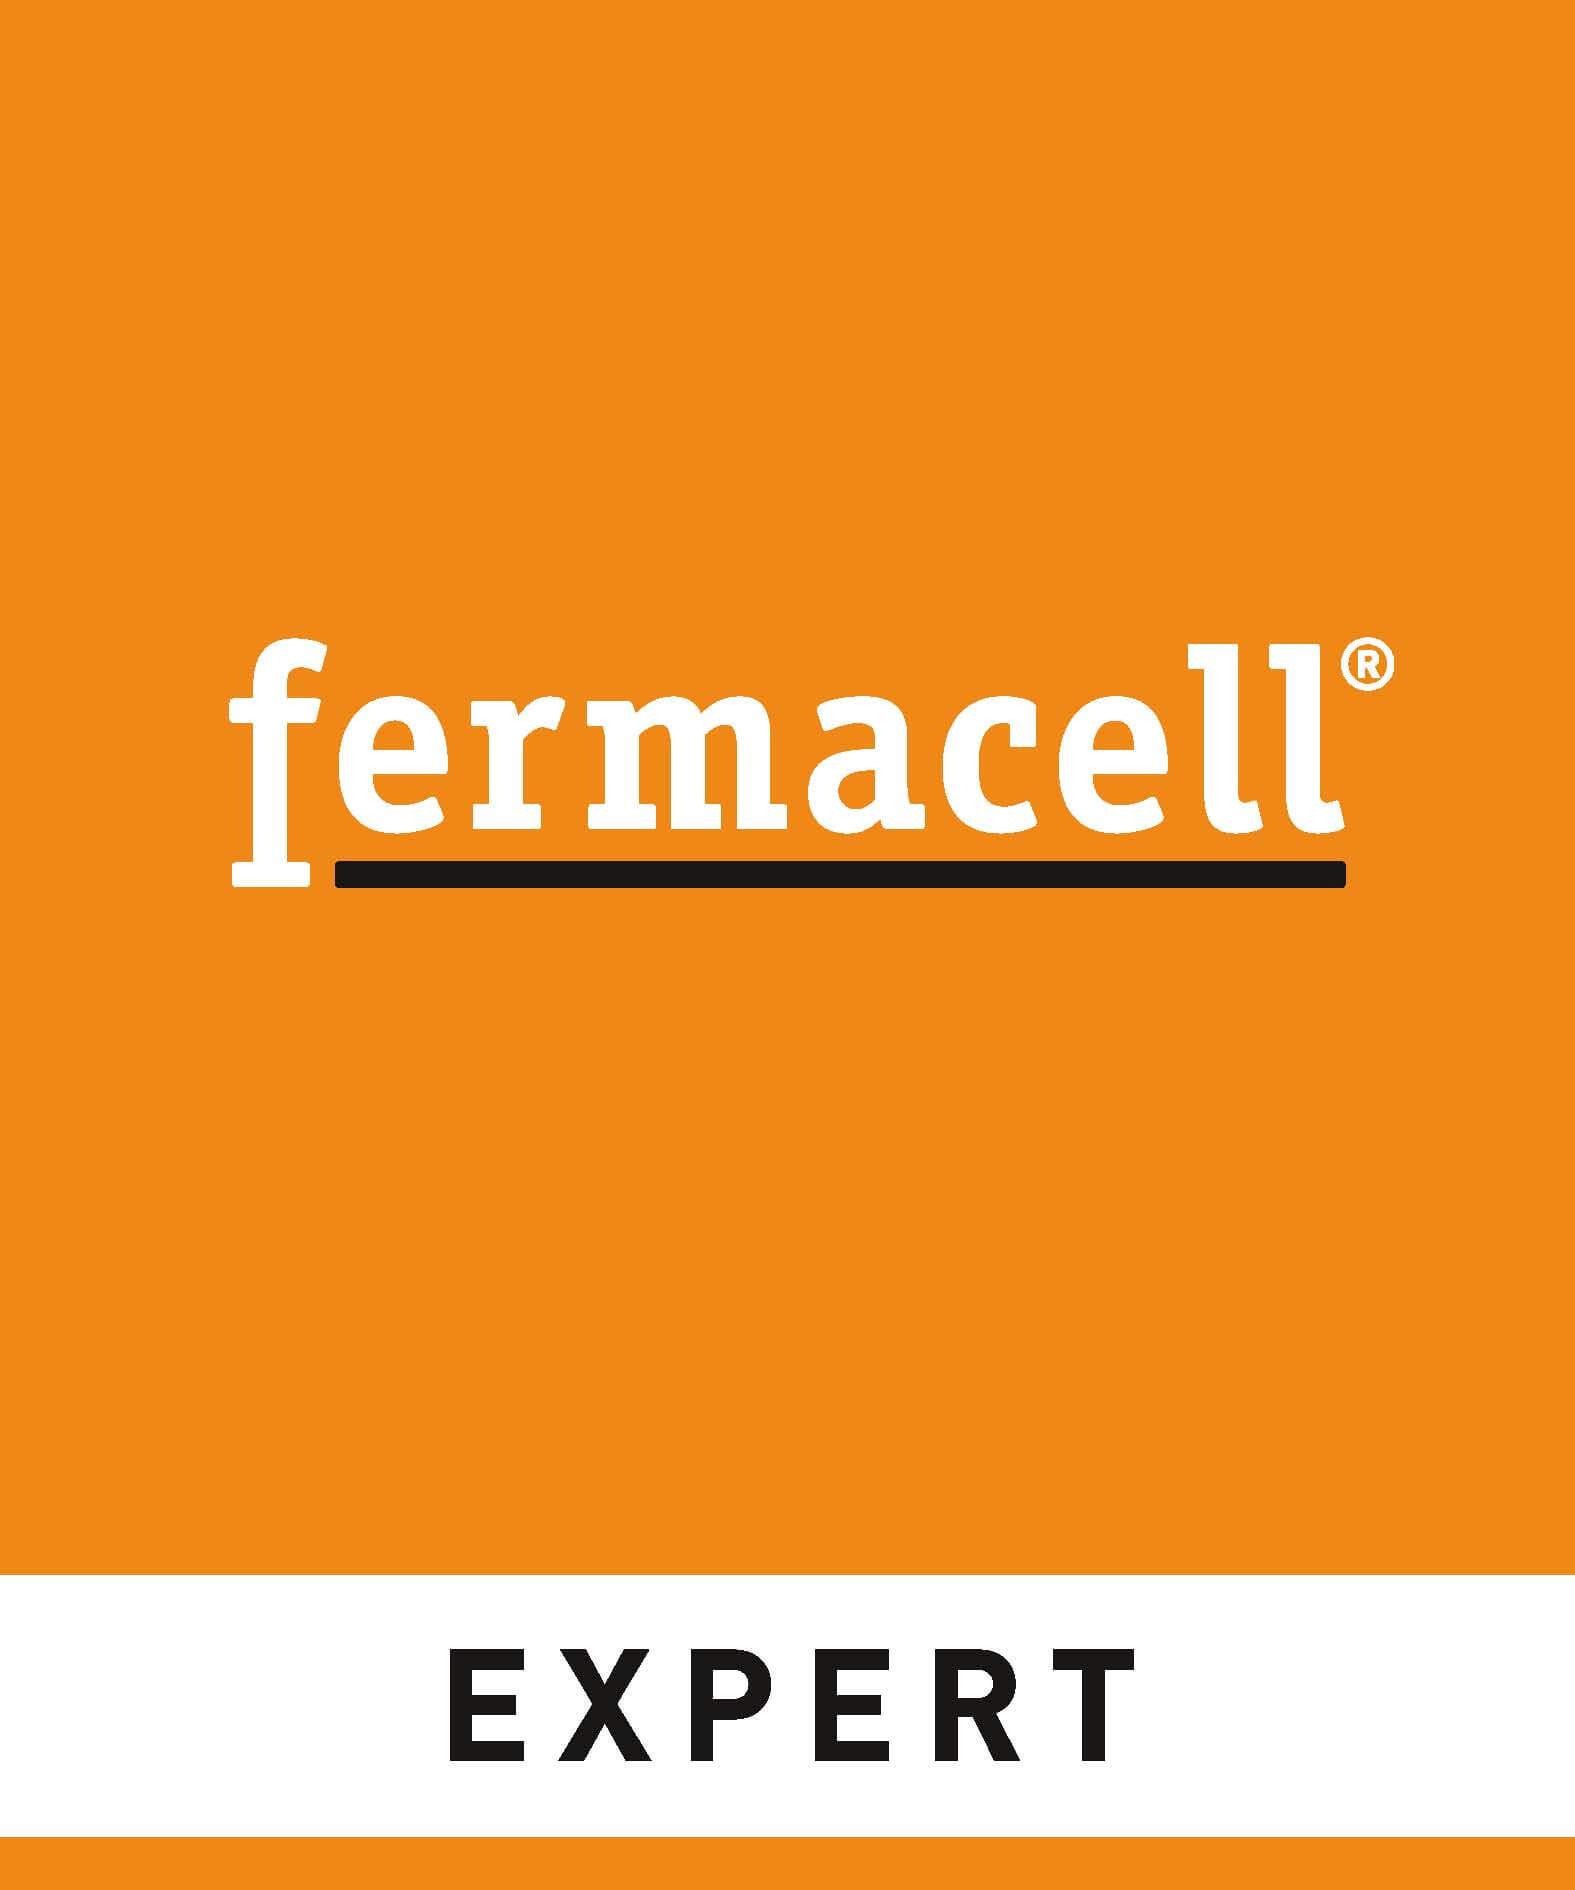 fermacell Expert